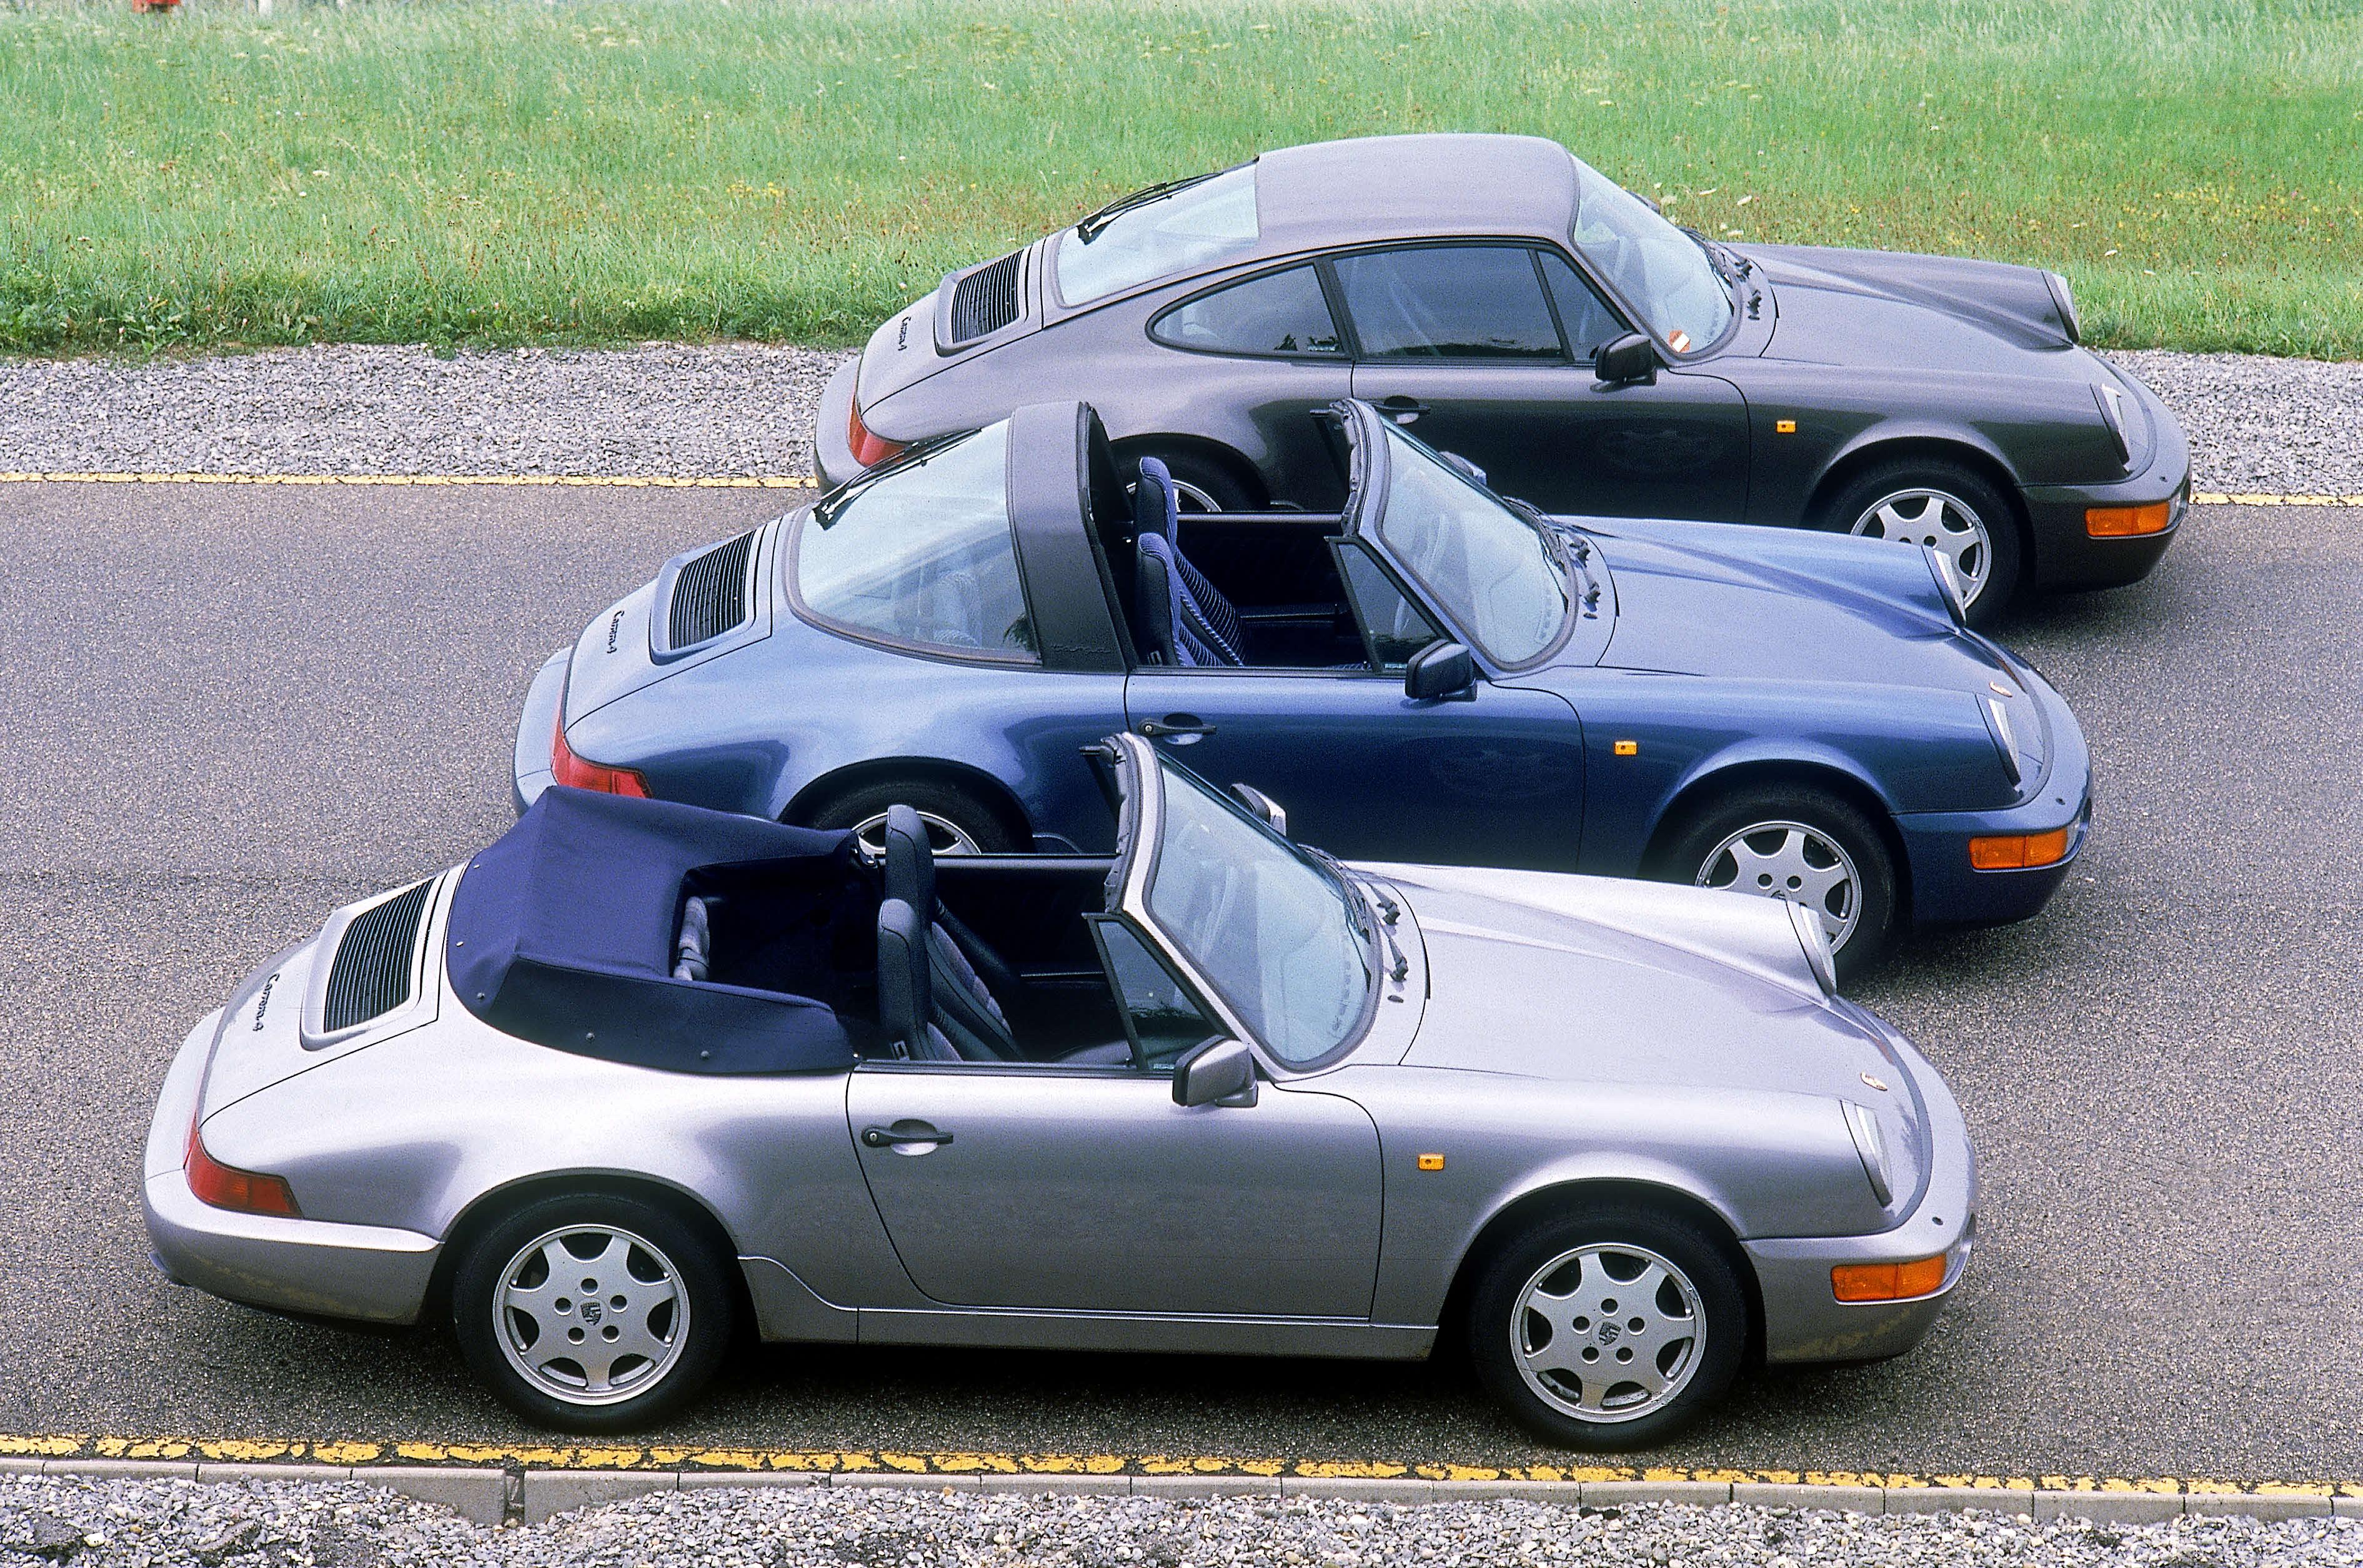 50 Years of the Porsche 911, a sports car celetes a special ... on 2000 porsche 911 carrera s, 2000 porsche 911 convertible, 2000 porsche 911 carrera 4, 2000 porsche cayenne, 2000 porsche 911 hardtop, 2000 porsche boxster, 2000 porsche 911 carrera coupe, used 911 targa, 2000 porsche 911 turbo, 2000 porsche cayman,